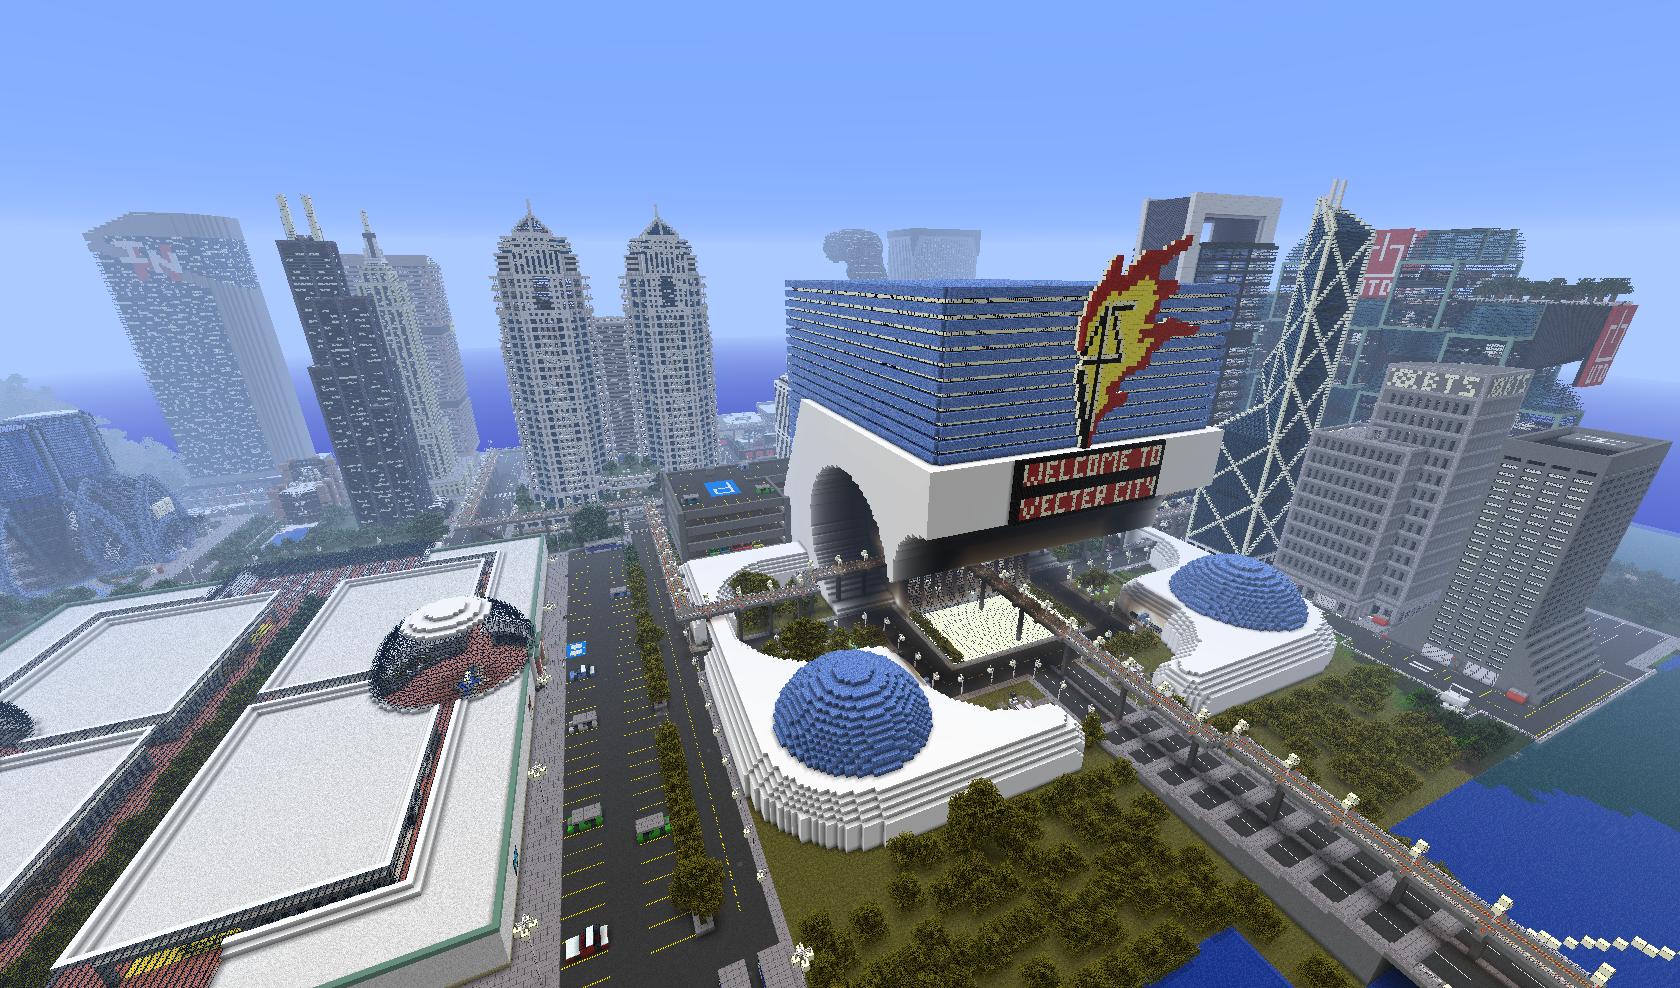 Map-ville-newcraft-vecter-city-minecraft-centre-ville